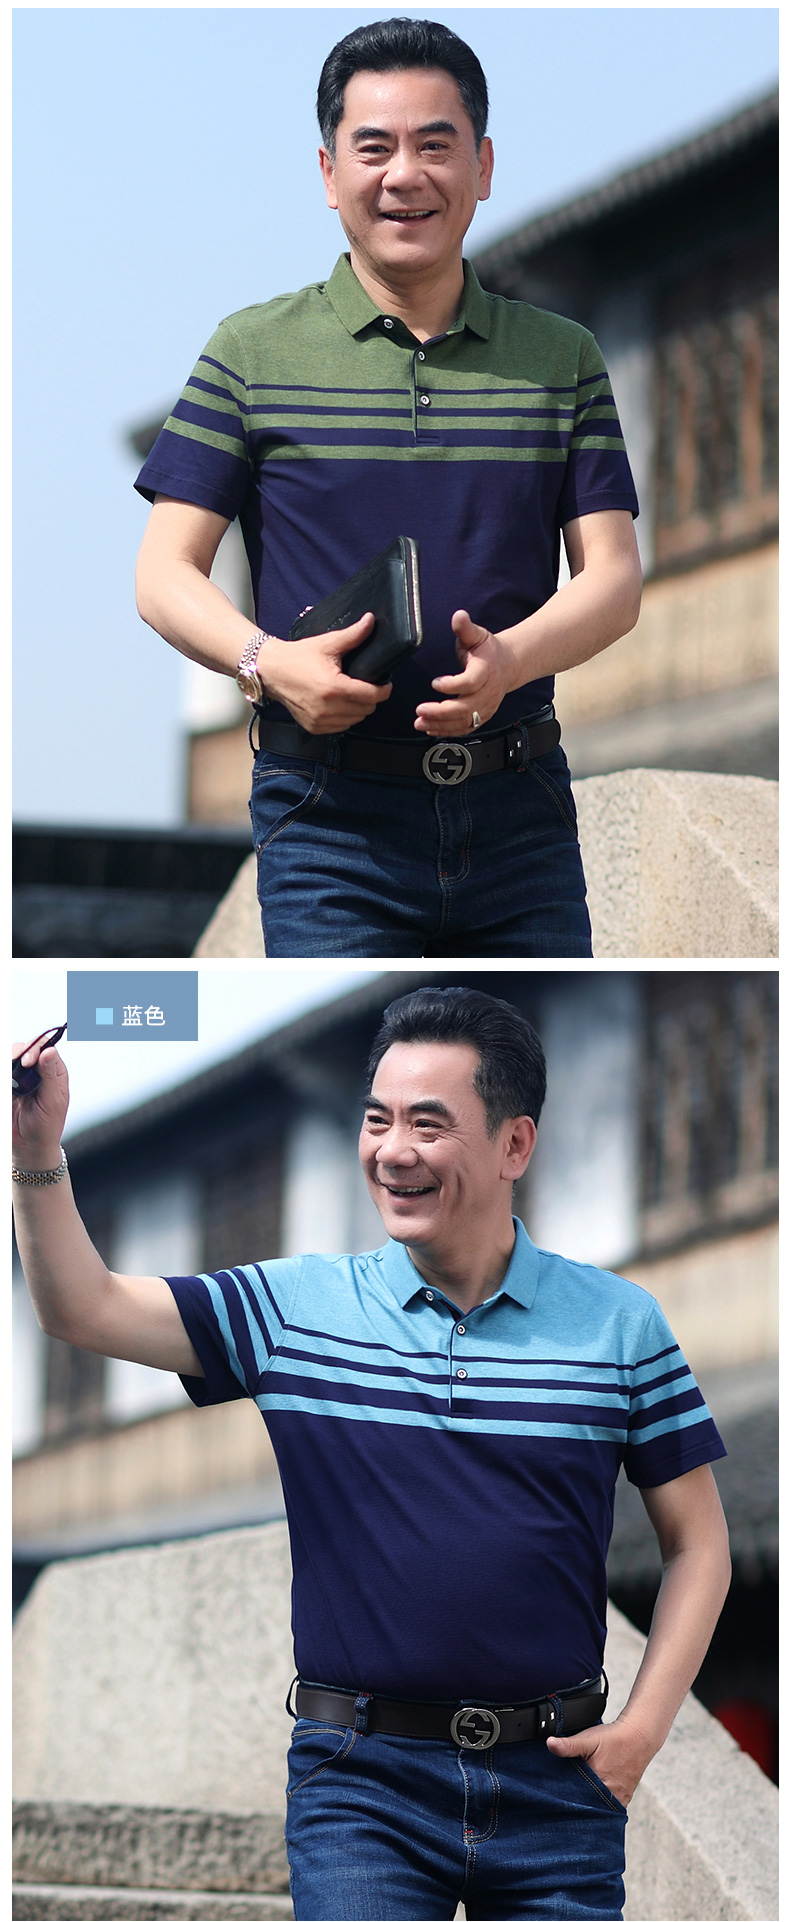 Luzhu người đàn ông trung niên ngắn tay t- shirt cha ve áo 2018 mùa hè bông thường sọc nửa tay áo polo áo sơ mi áo thun nam có cổ hàng hiệu